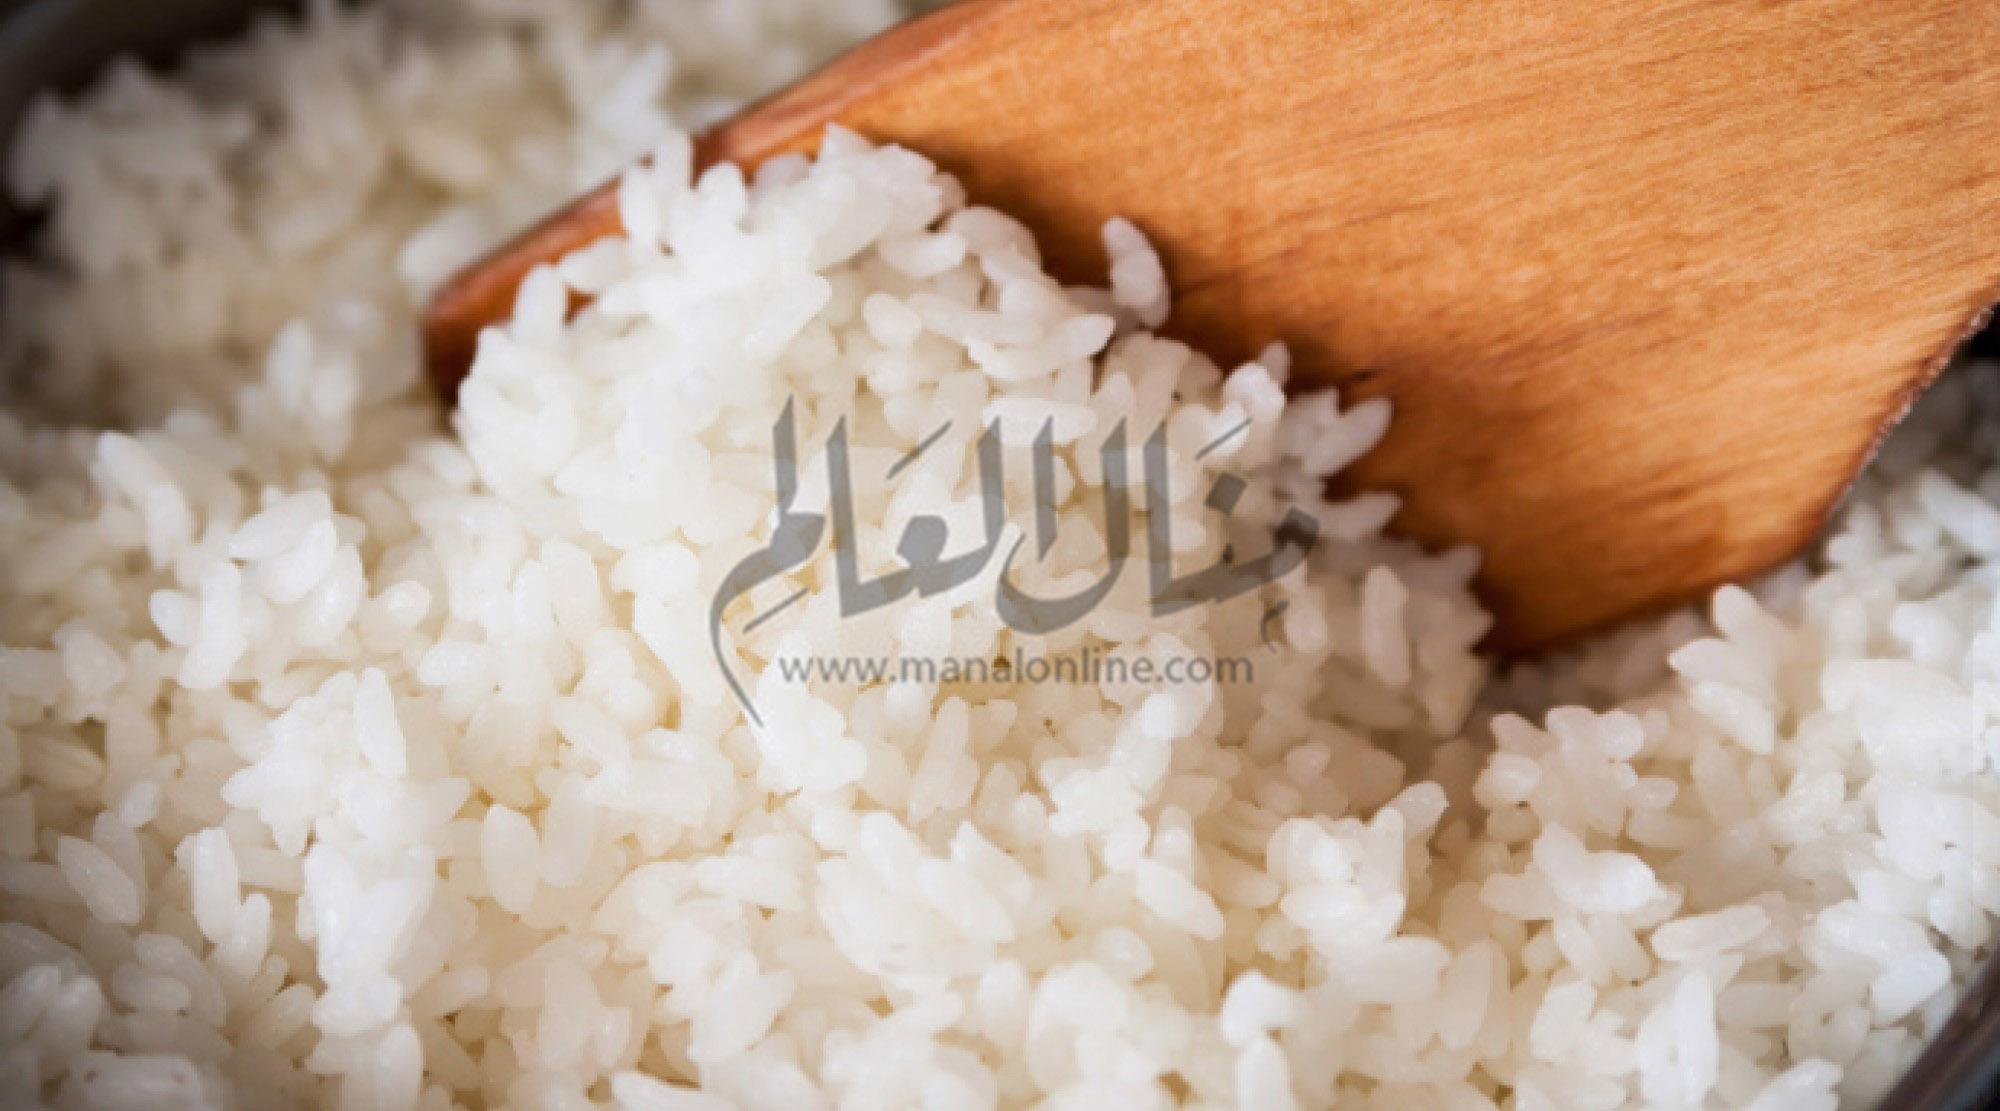 أسهل حلول لإصلاح الأرز  - المشاهدات : 1.33K